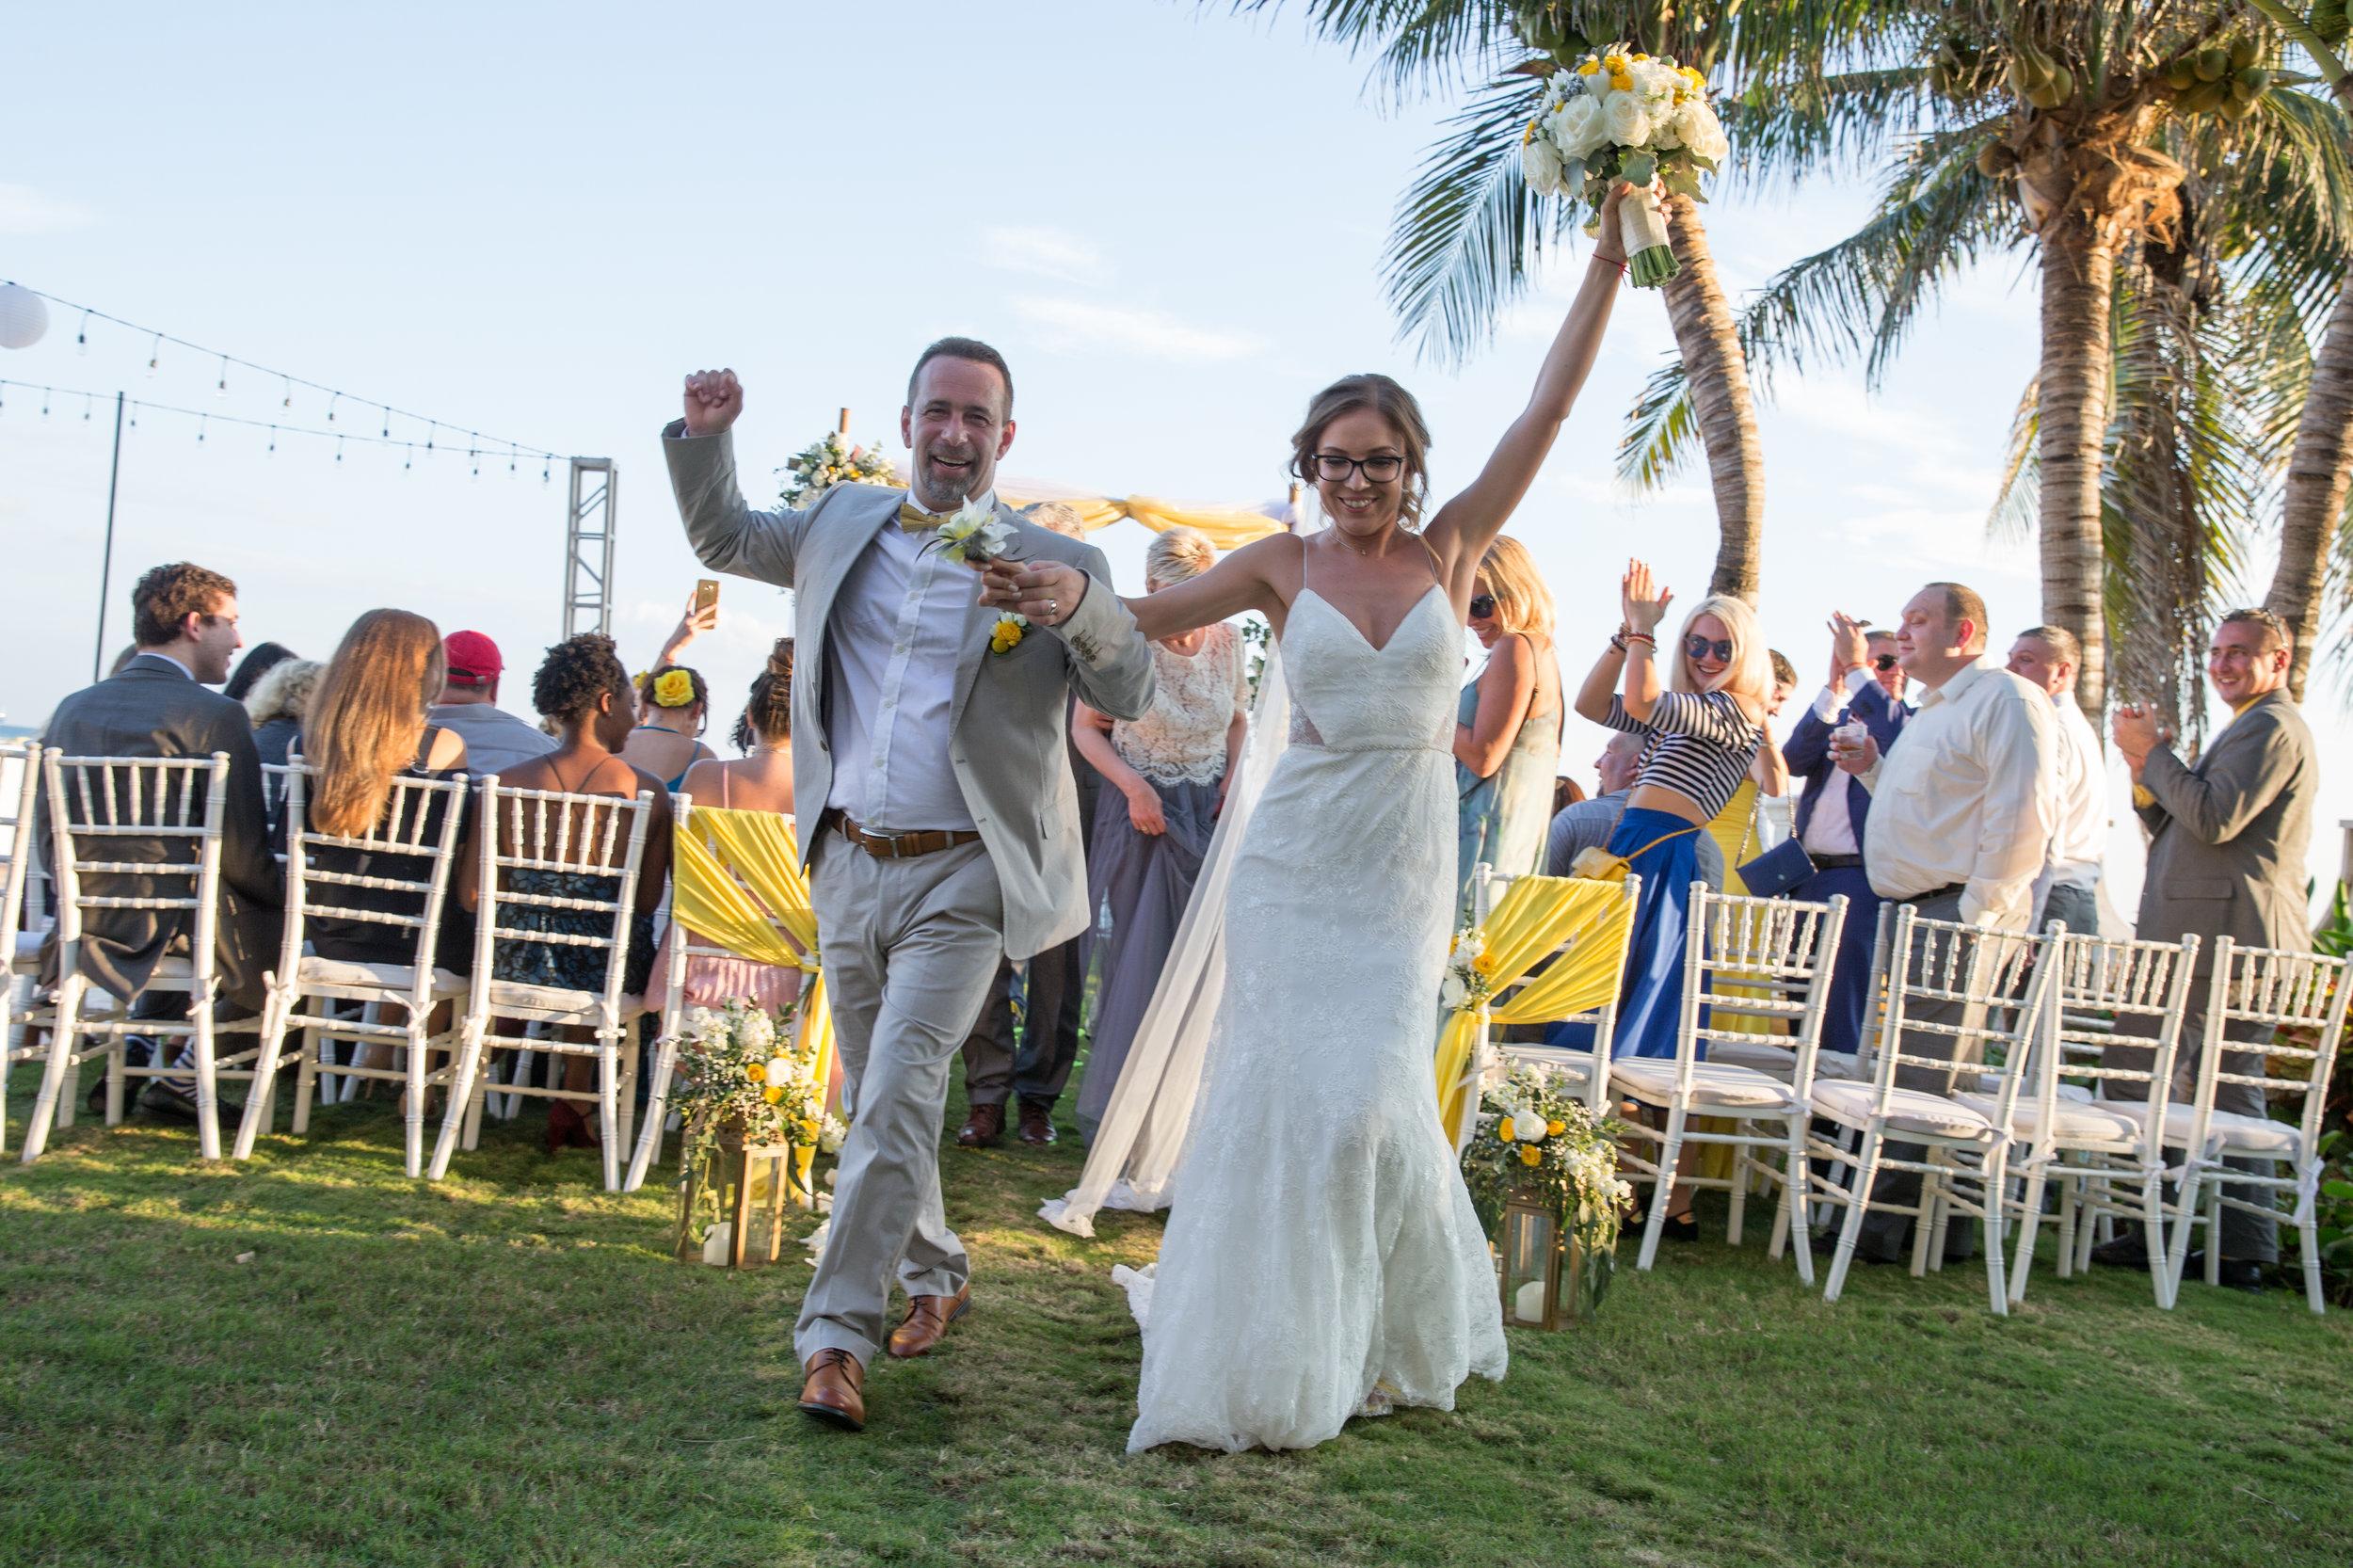 destination-wedding-venue-villa-la-joya-37.jpg